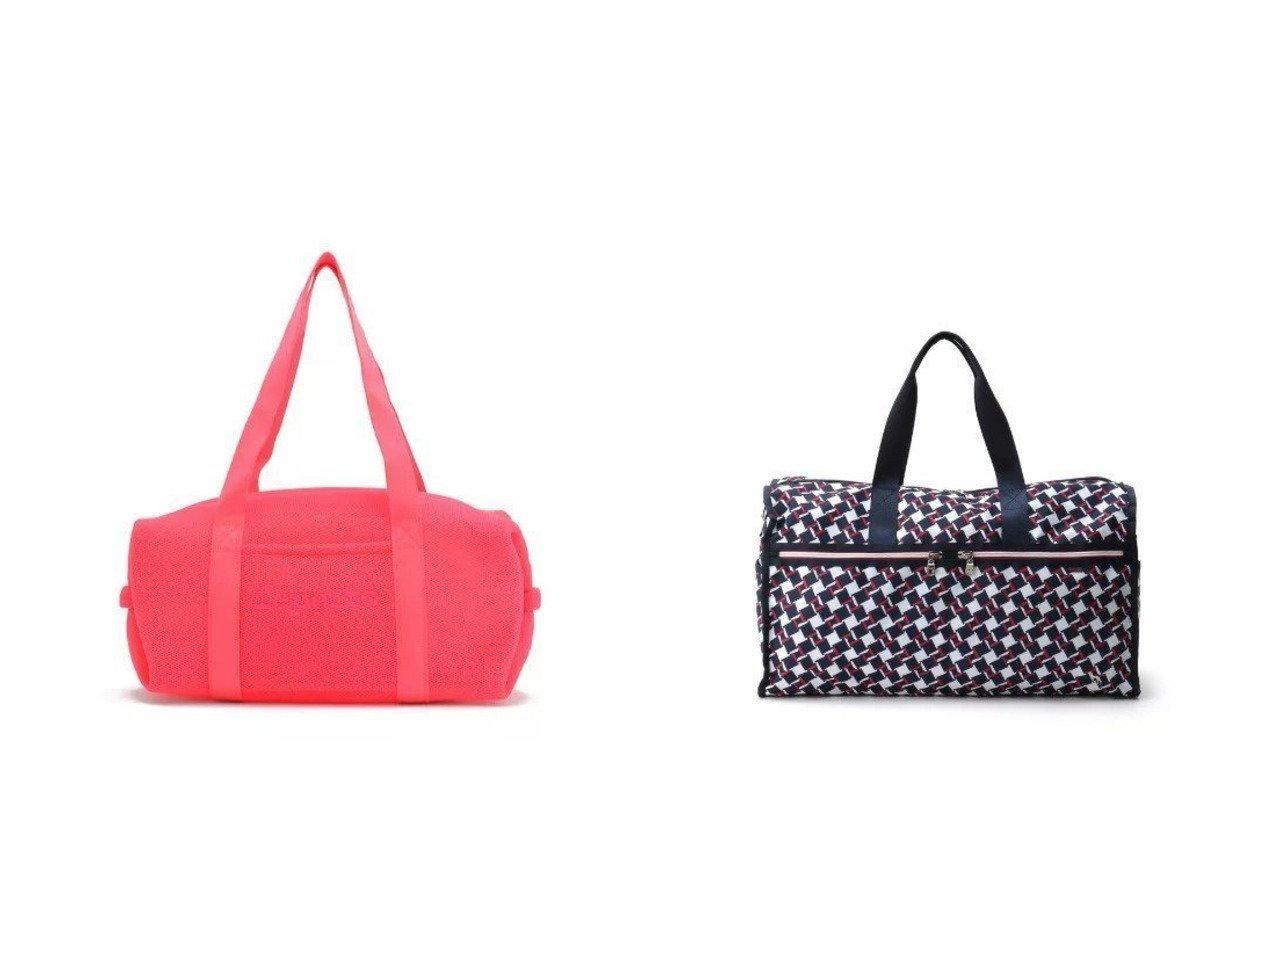 【adabat/アダバット】のボストンバッグ&【repetto/レペット】のDuffle bag size M 【バッグ・鞄】おすすめ!人気、トレンド・レディースファッションの通販  | レディースファッション・服の通販 founy(ファニー)